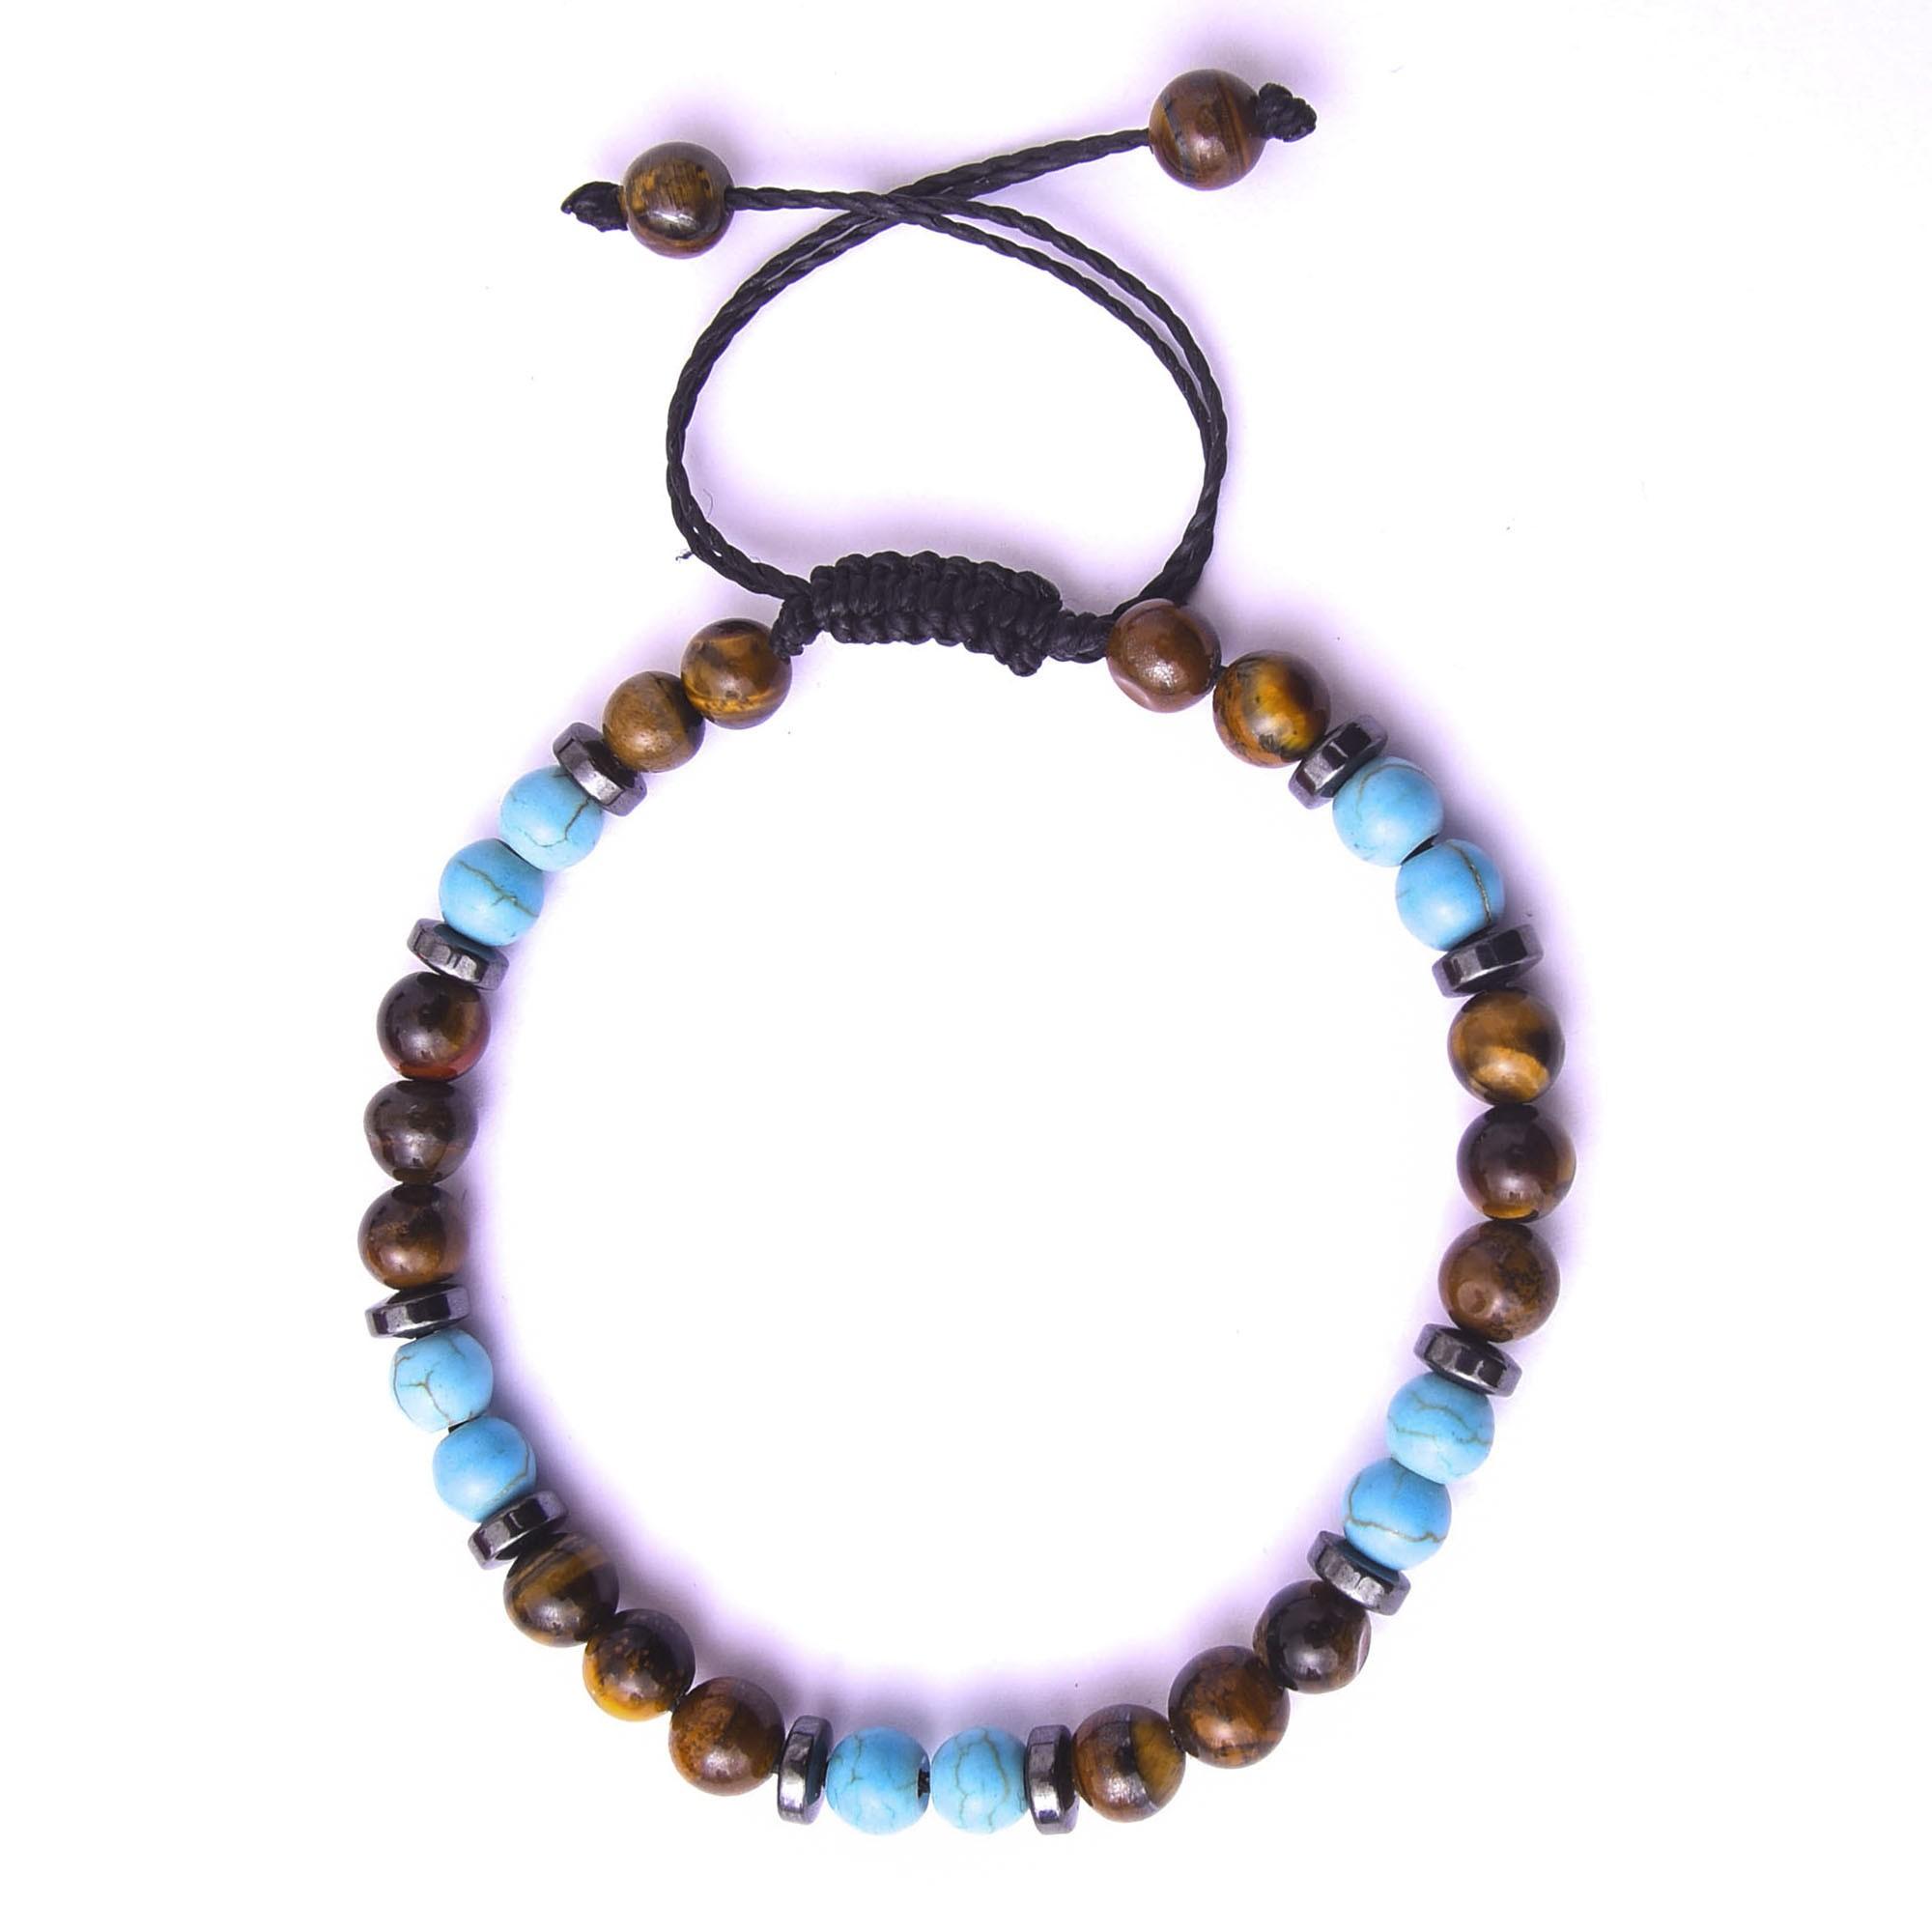 Pulseira De Pedra Natural Azul Turquesa e Olho De Tigre - Ajustável  - Style Empório